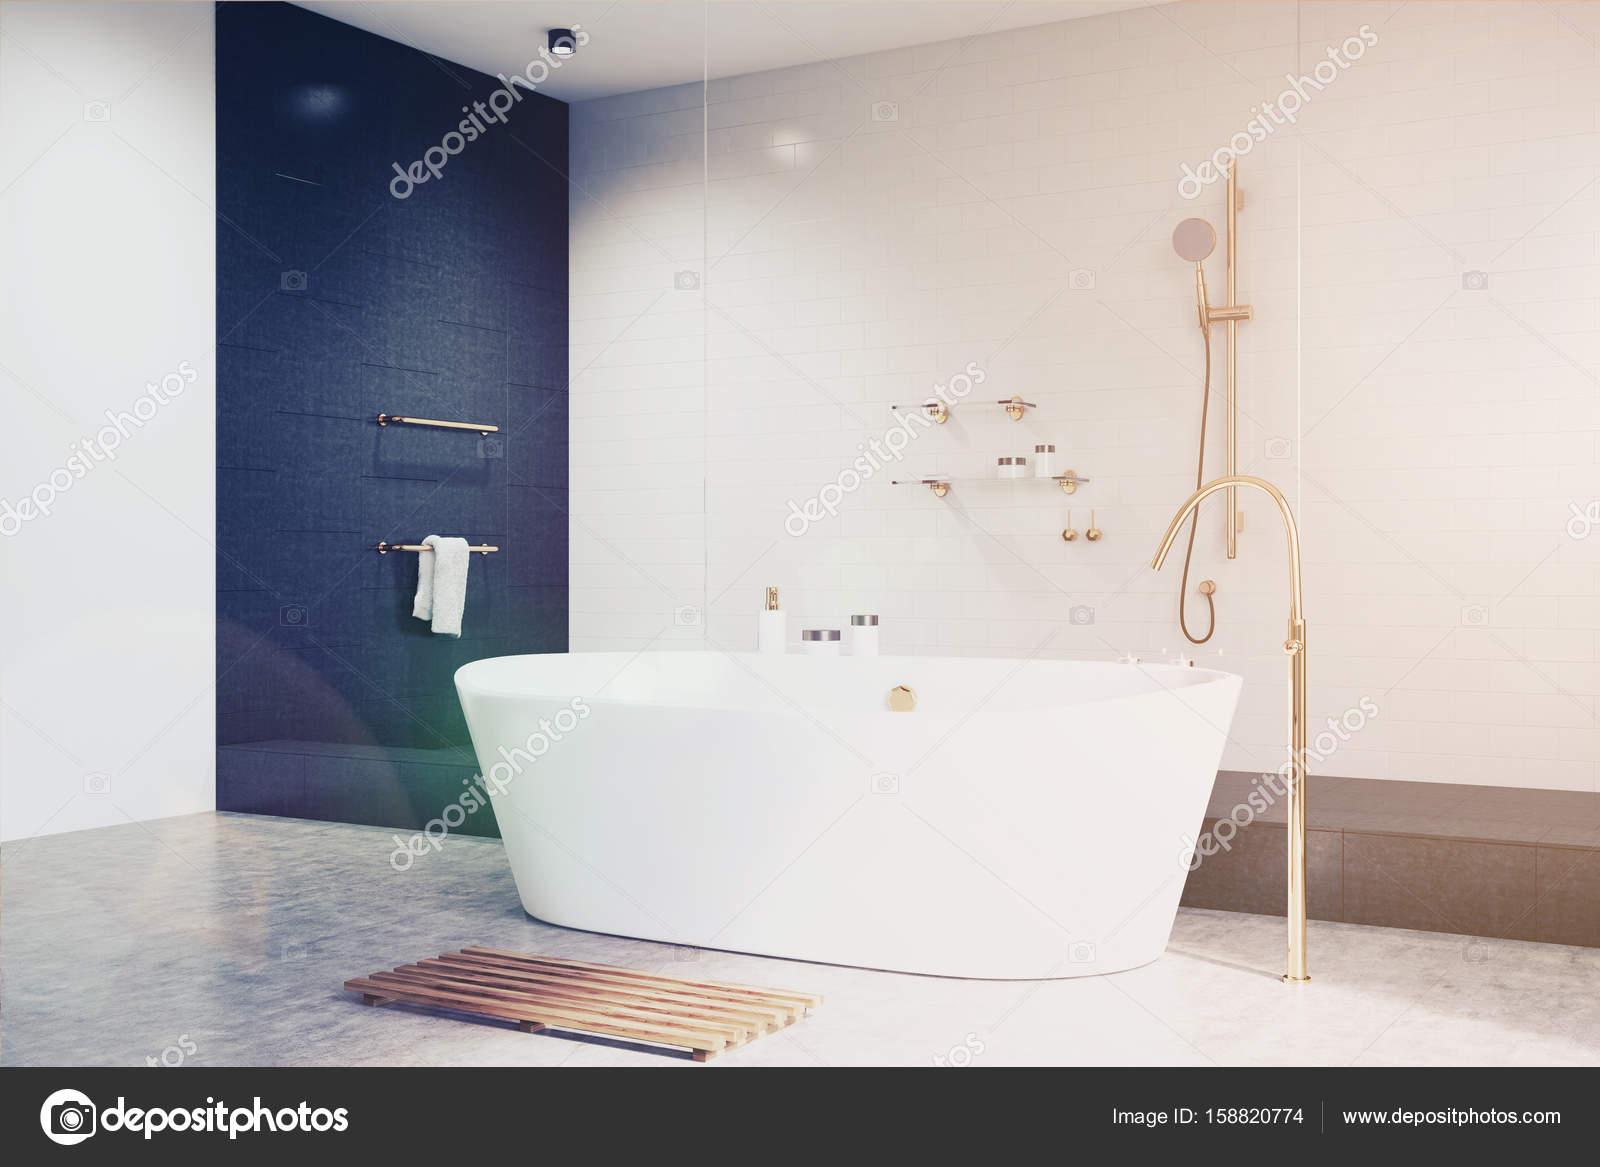 Piastrelle del bagno bianco con il nero lato tonico u2014 foto stock